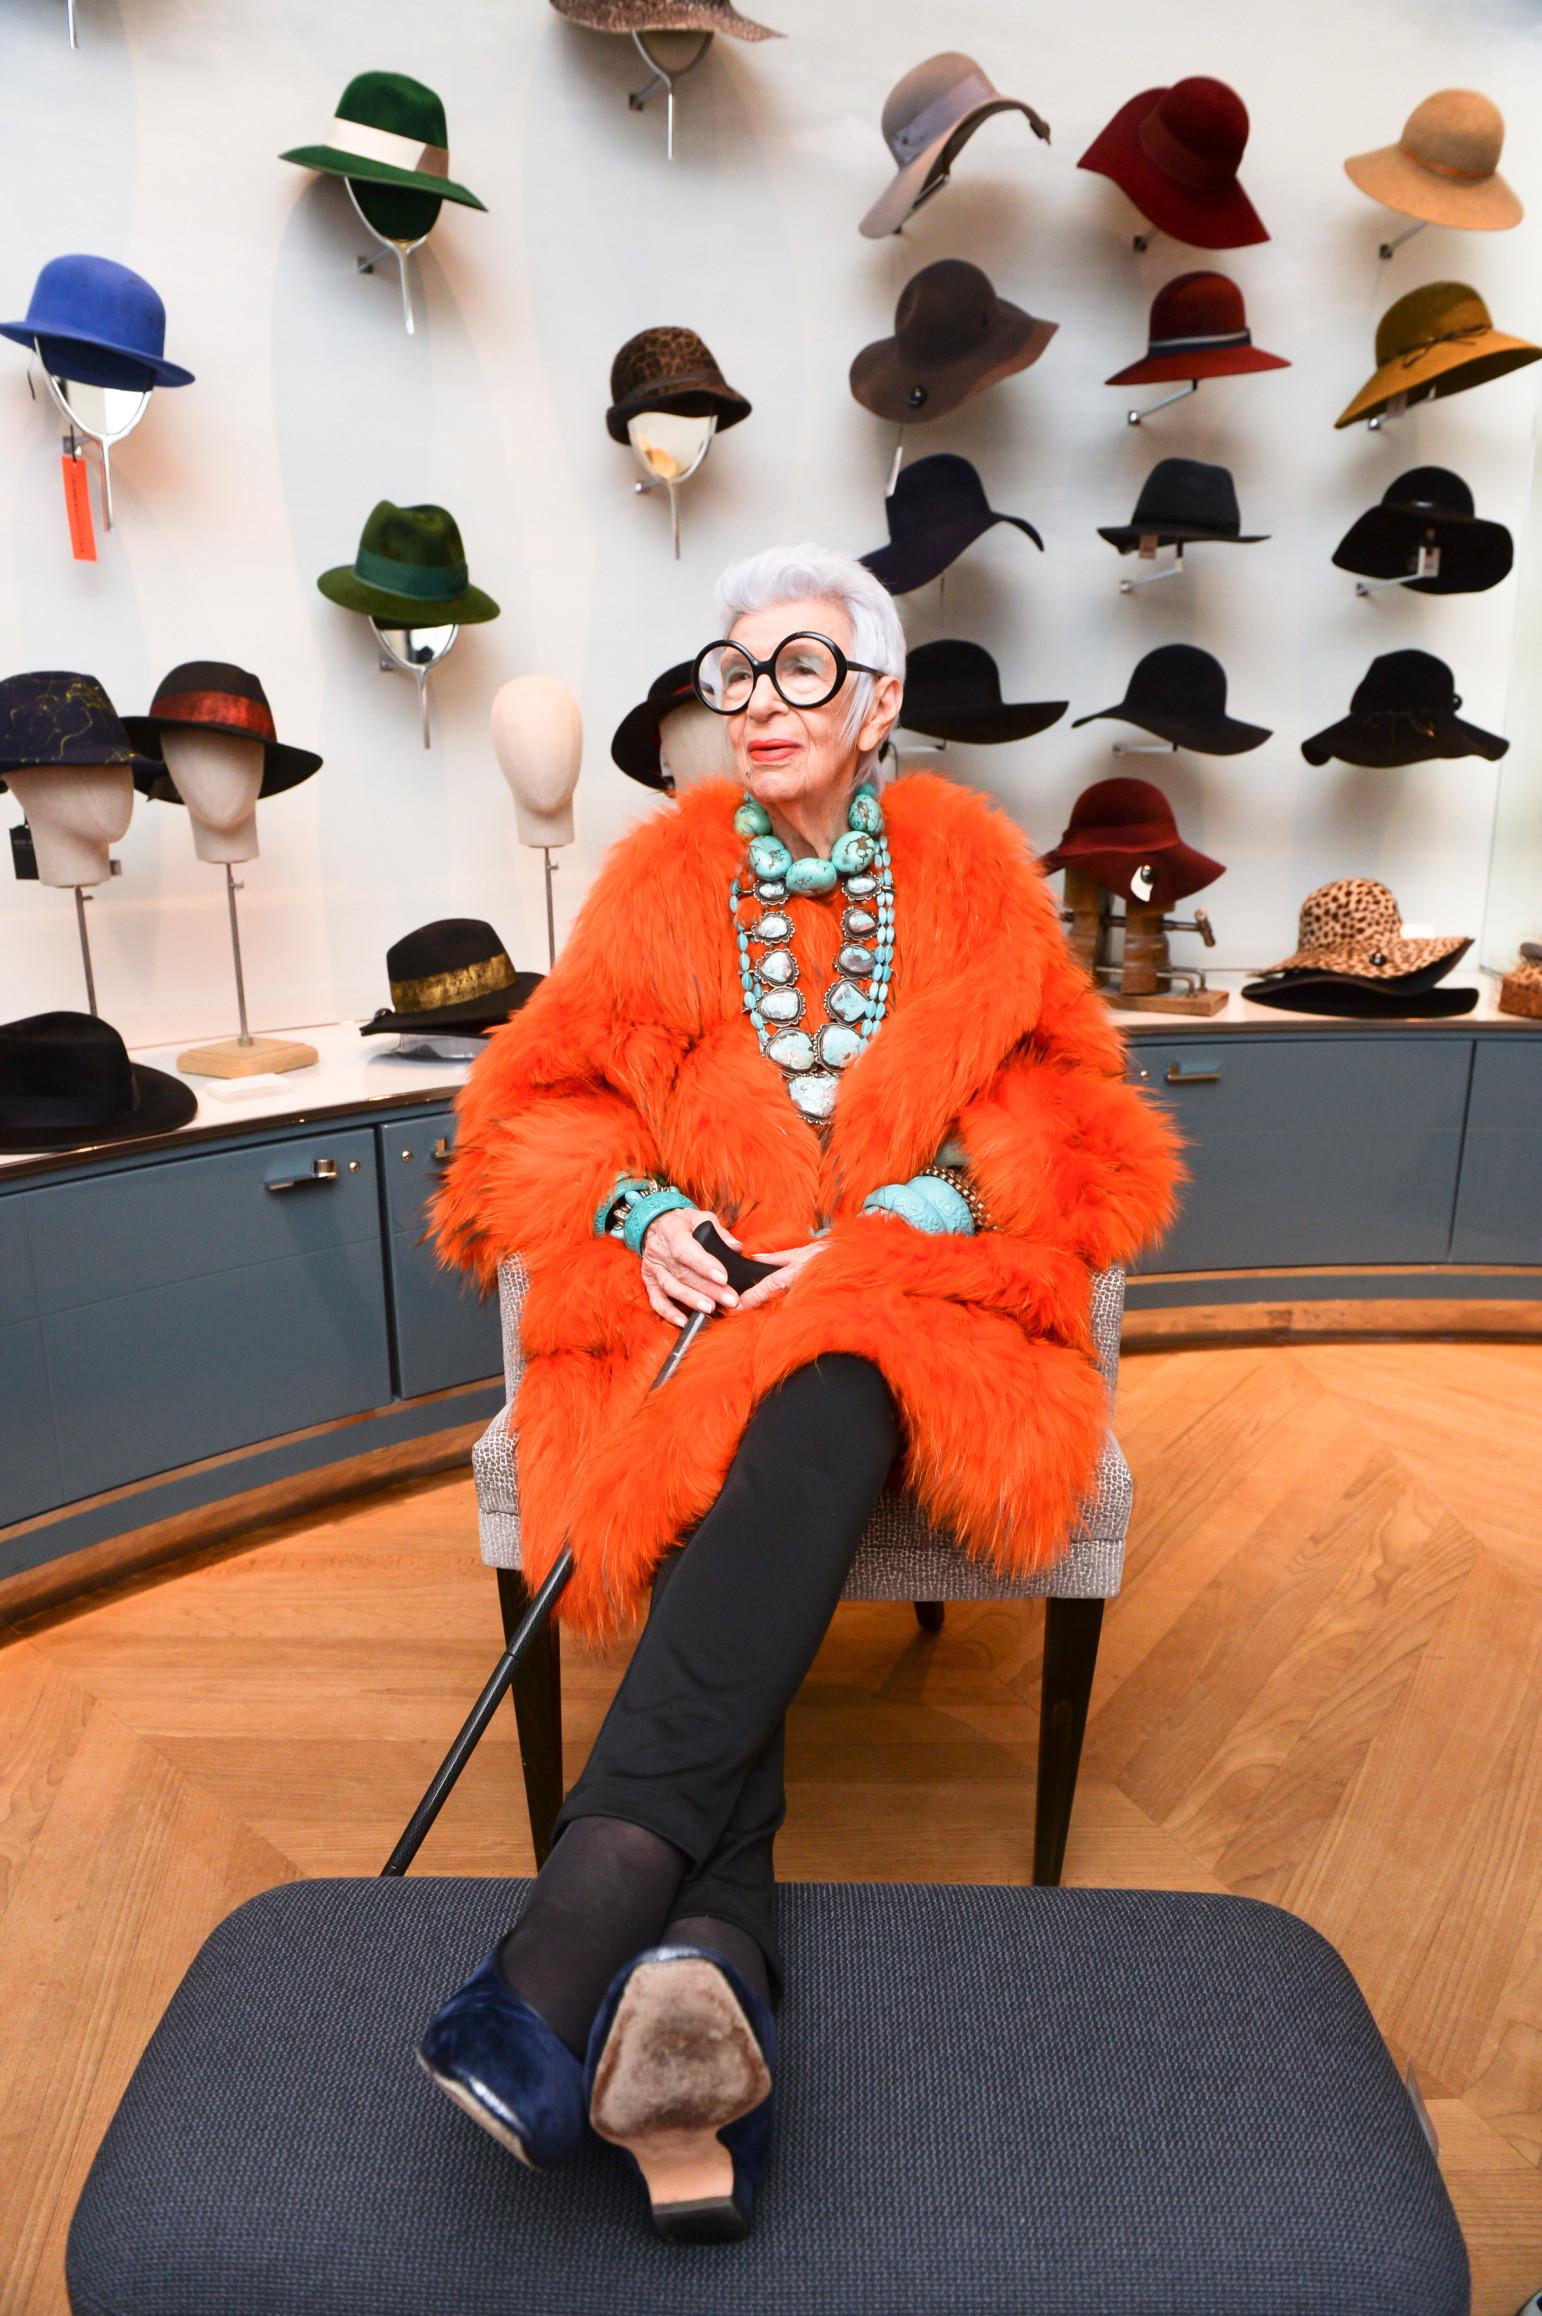 Iris Apfel - 94 tuổi vẫn là biểu tượng thời trang đáng kính